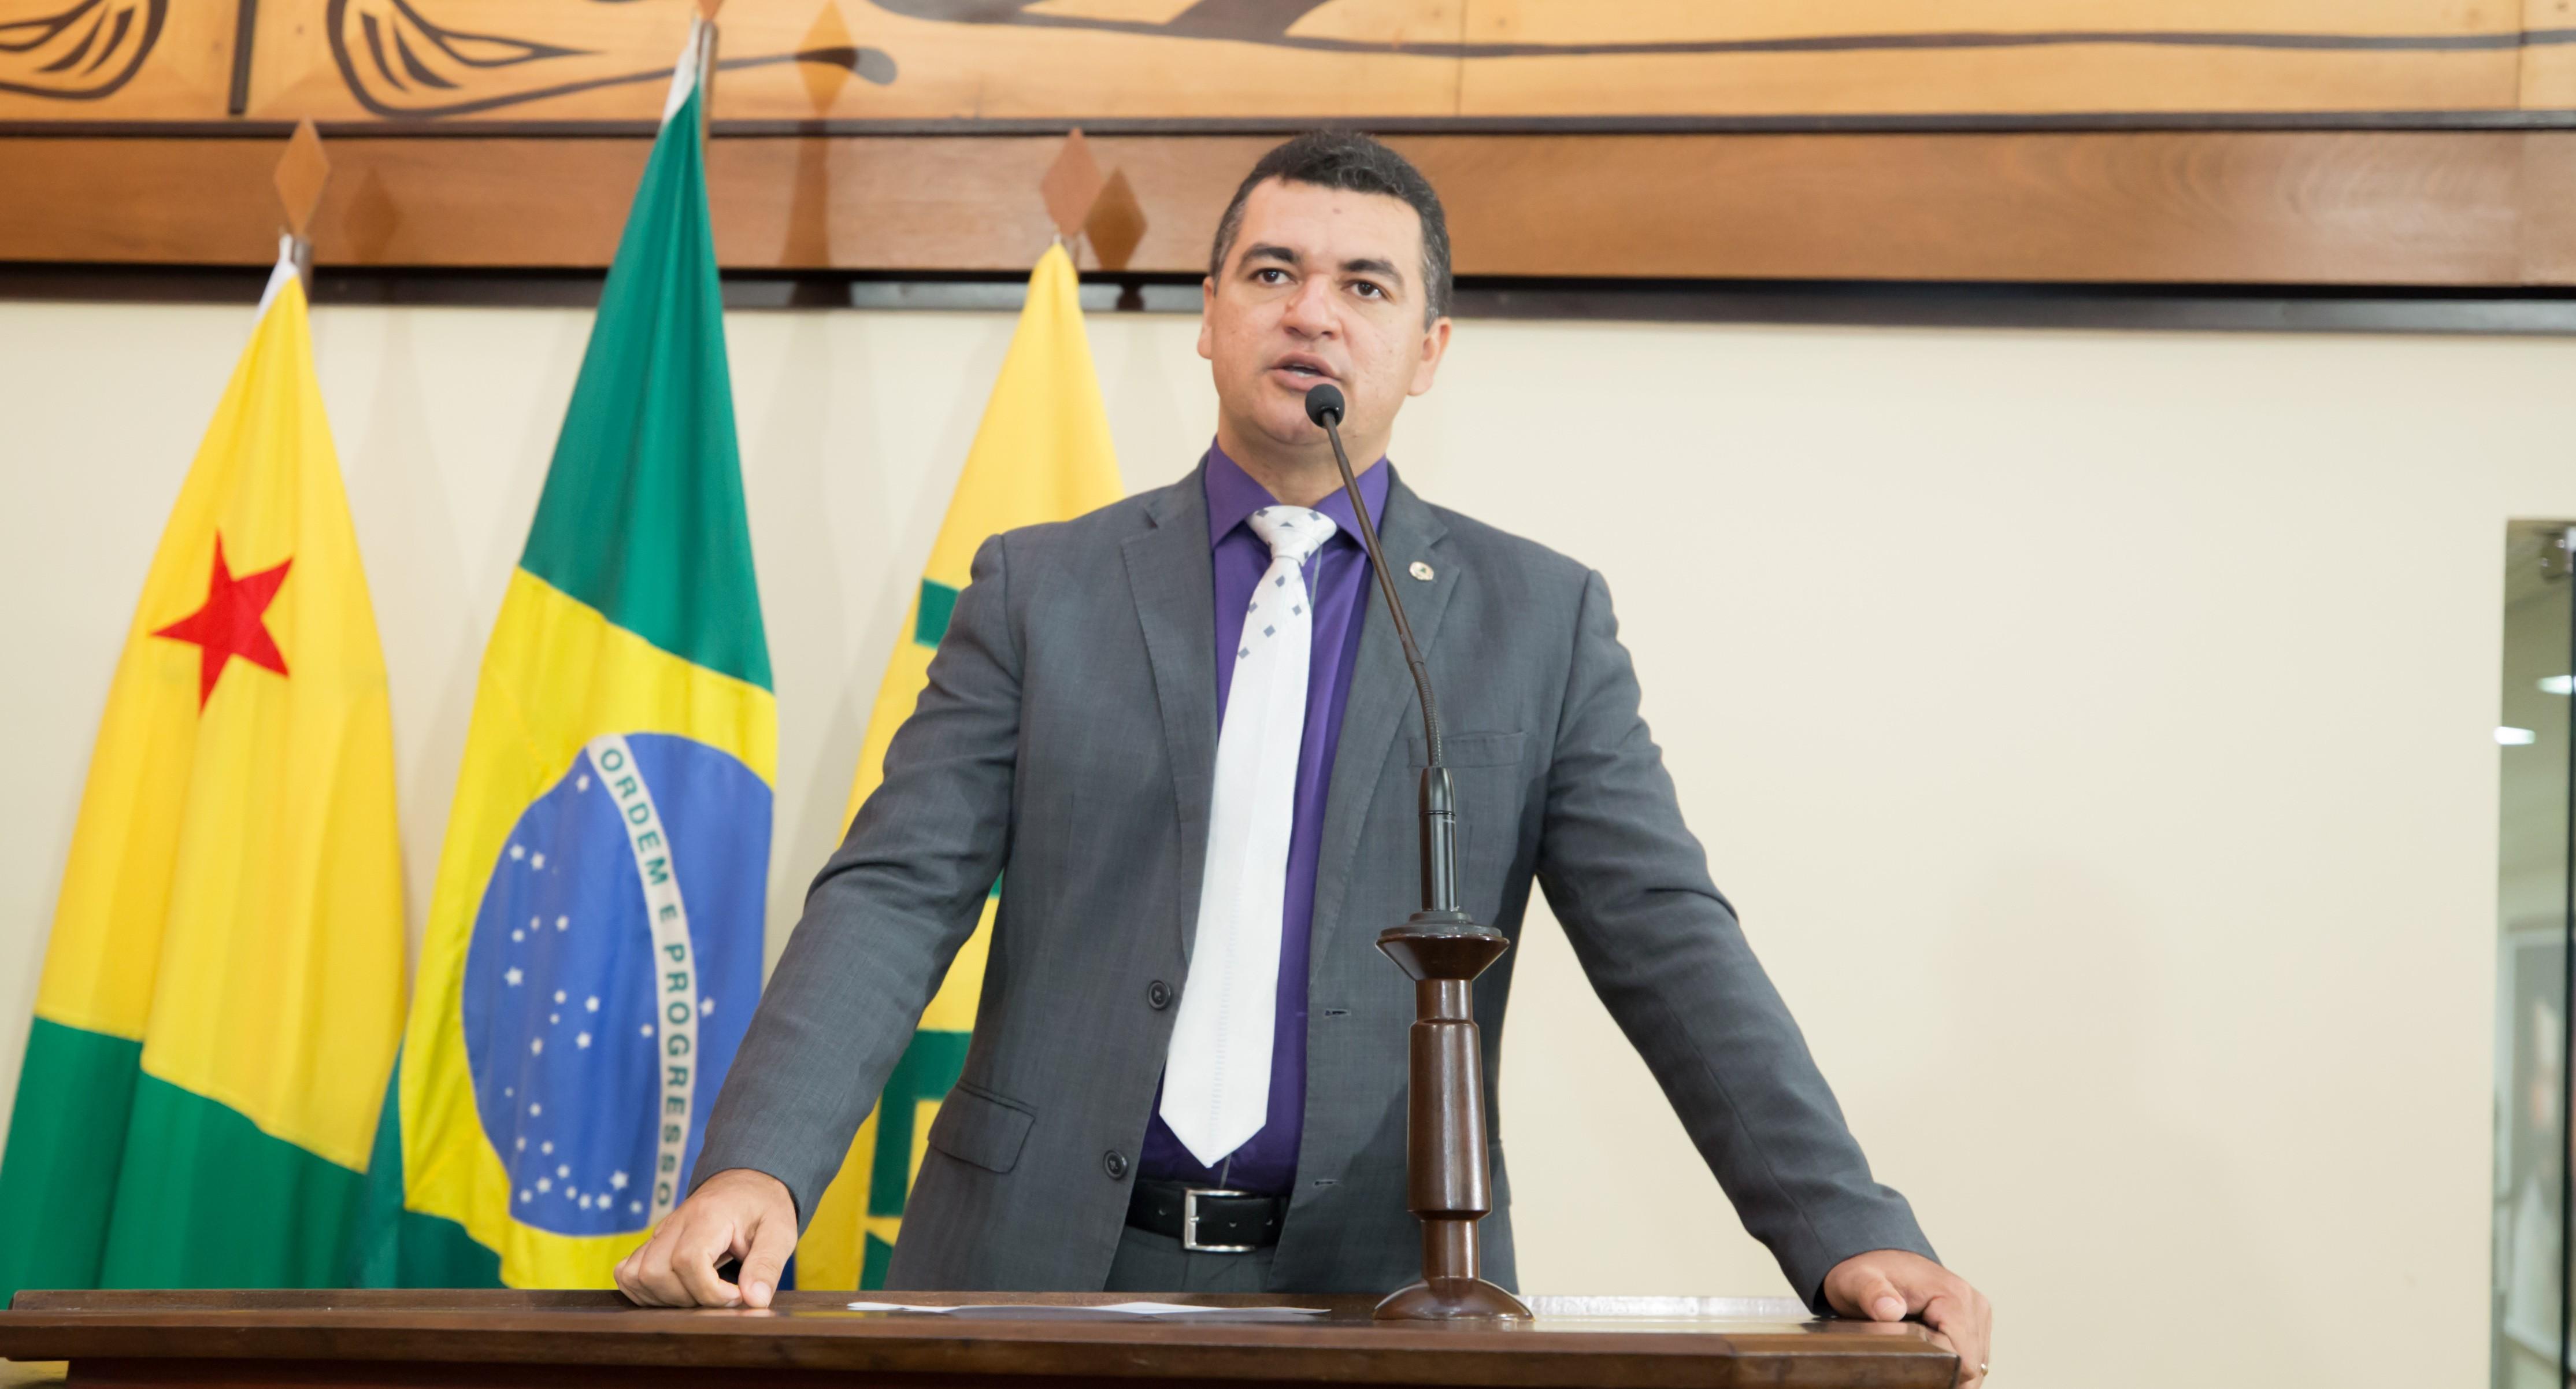 Sindicato pede investigação contra deputado que chamou médico do Acre de mercenário durante sessão